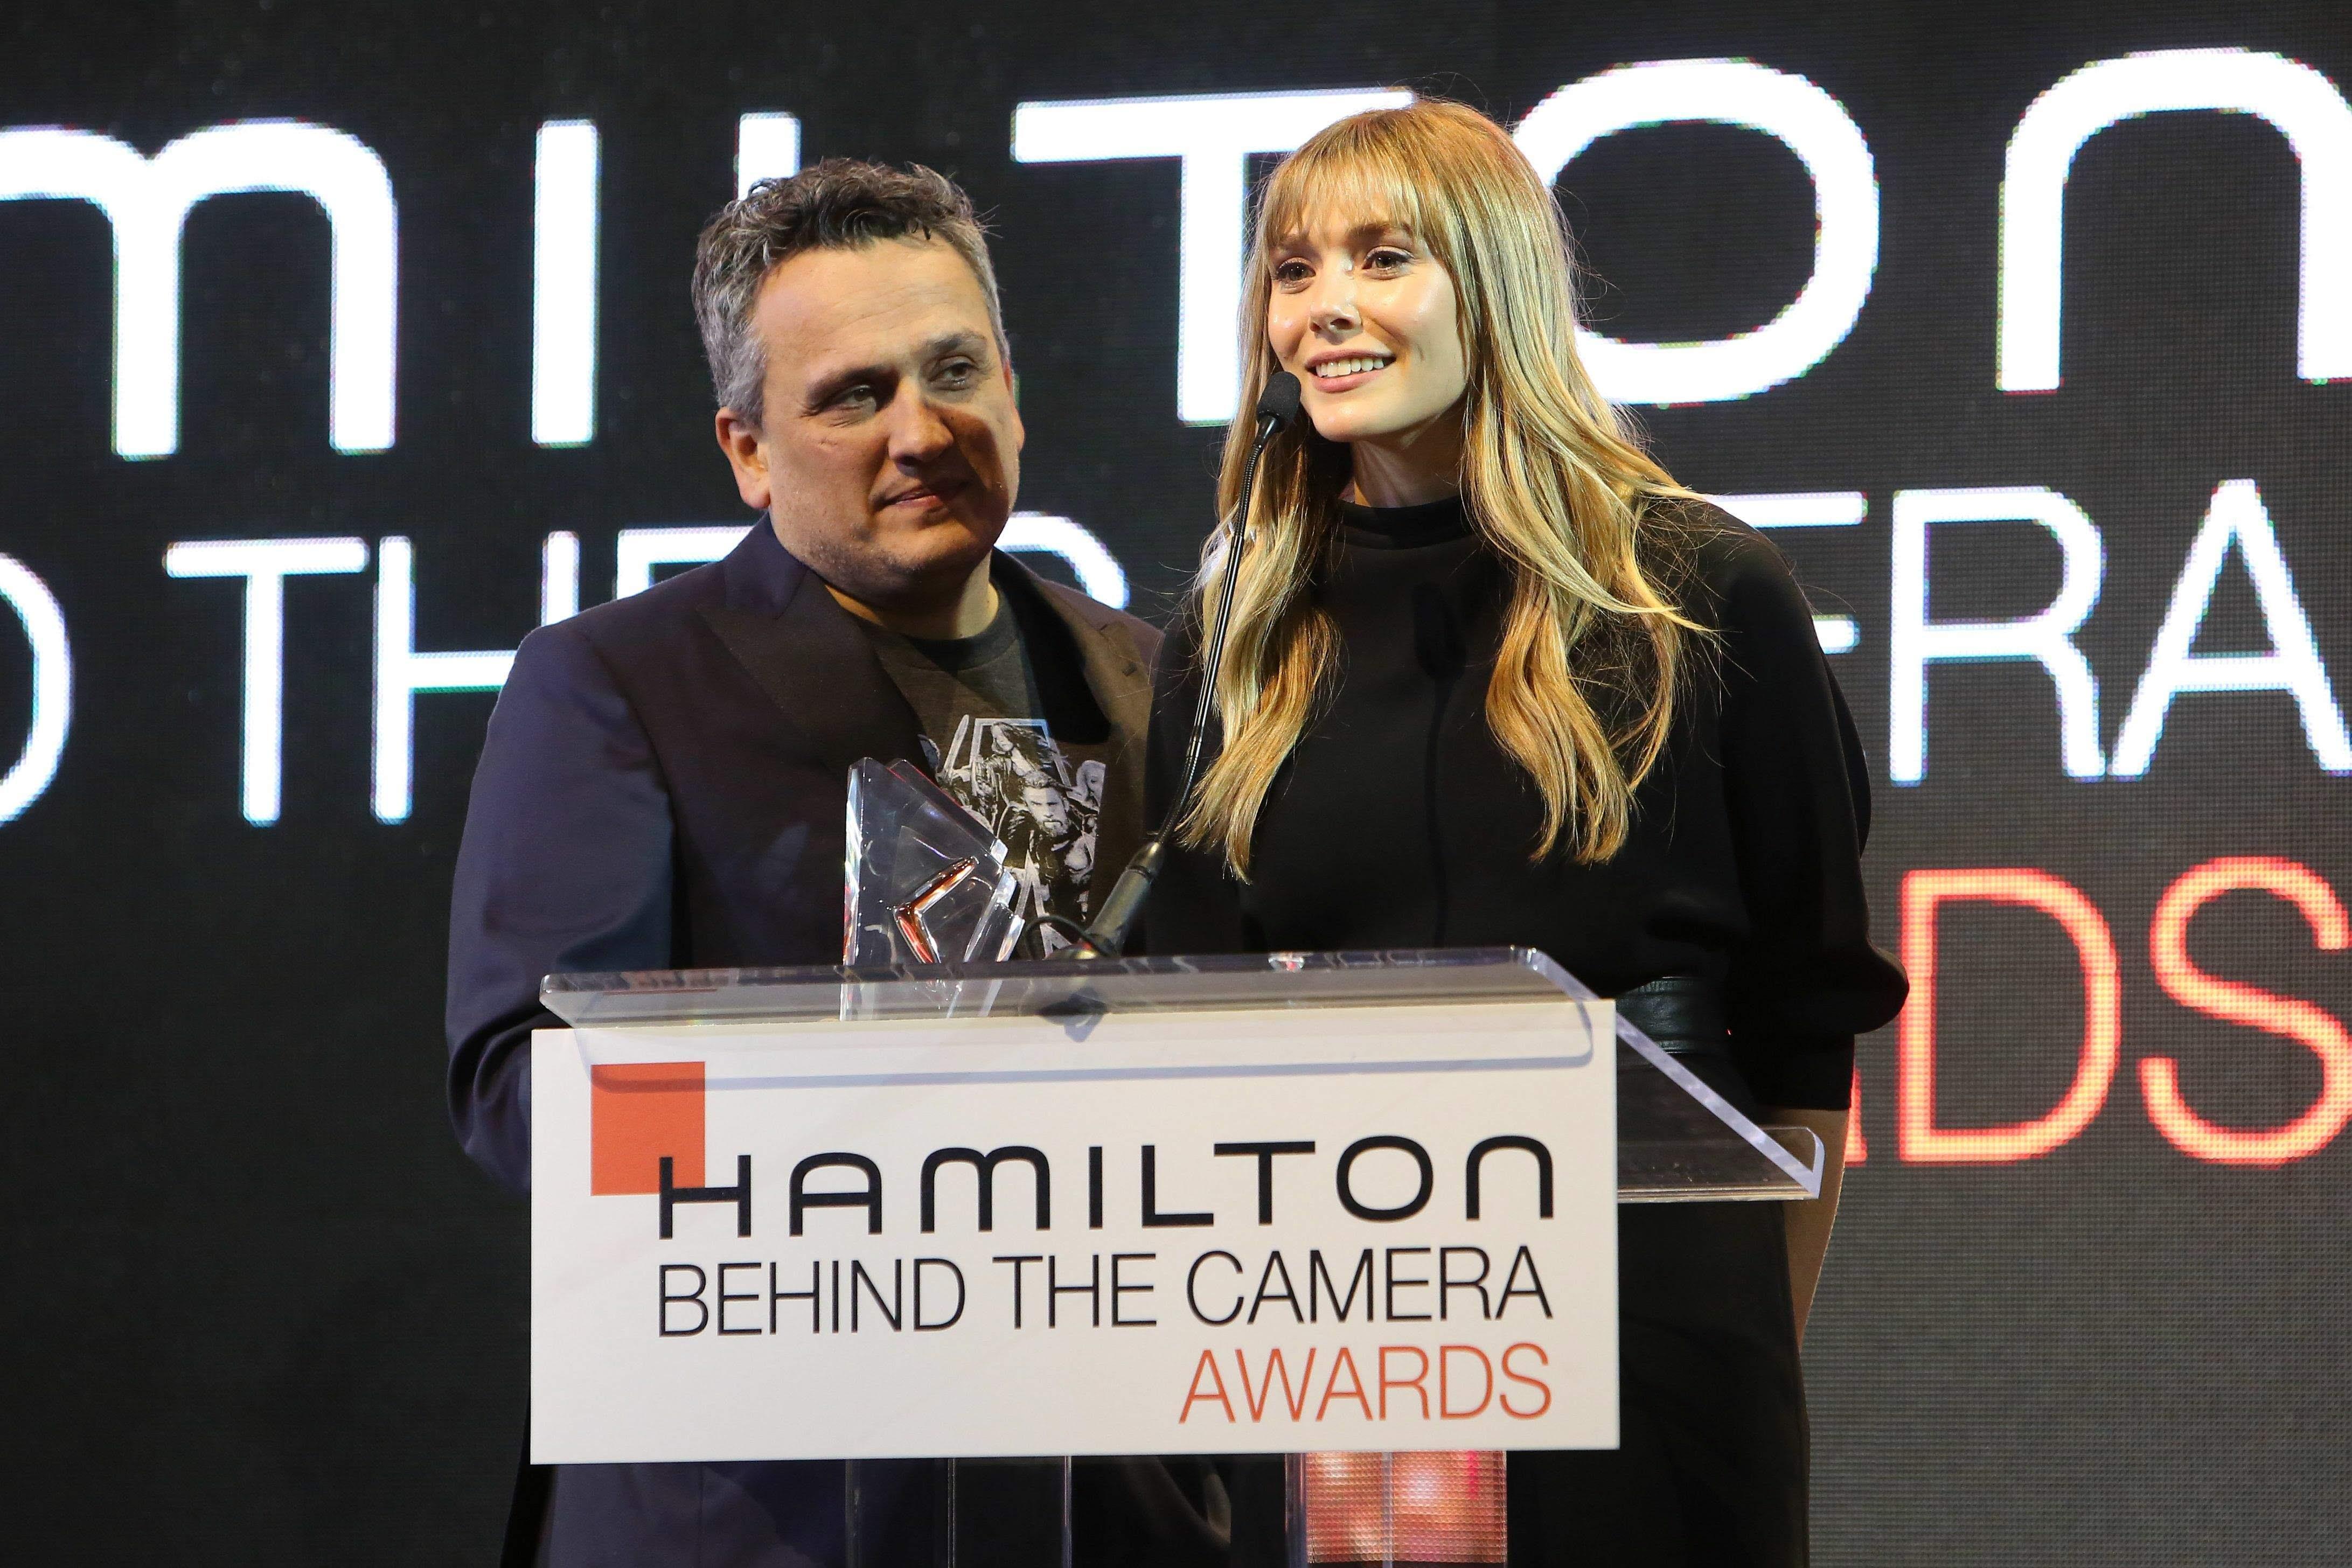 Elizabeth Olsen debuts new bangs at the Hamilton Behind The Camera Awards : マーベルのヒーロー映画を支える VFX のスペシャリスト、ダン・デリーウを讃えるために、アベンジャーズ代表のリジーがイメチェンの新ヘアスタイルで、ハミルトン・ビハインド・ザ・カメラ・アワーズに登場 ! !